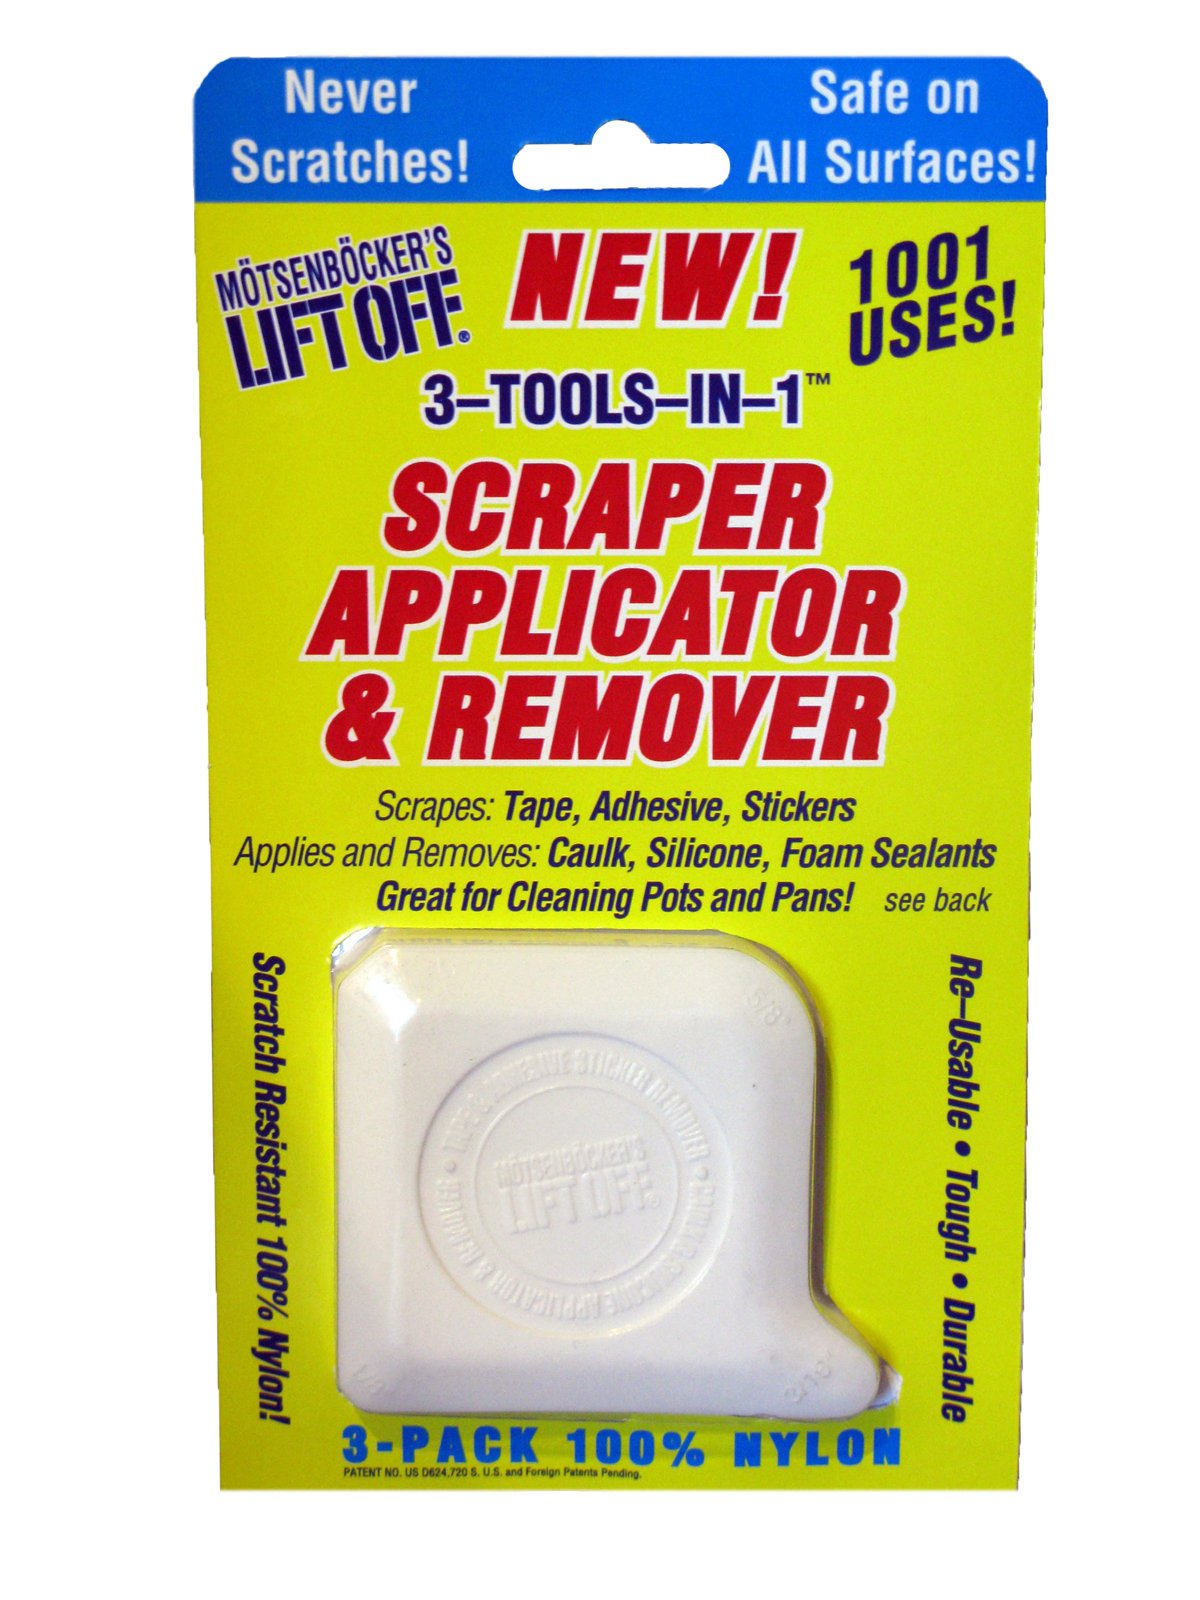 Motsenbocker's Lift Off 404-03 Super Scraper, Applicator and Remover